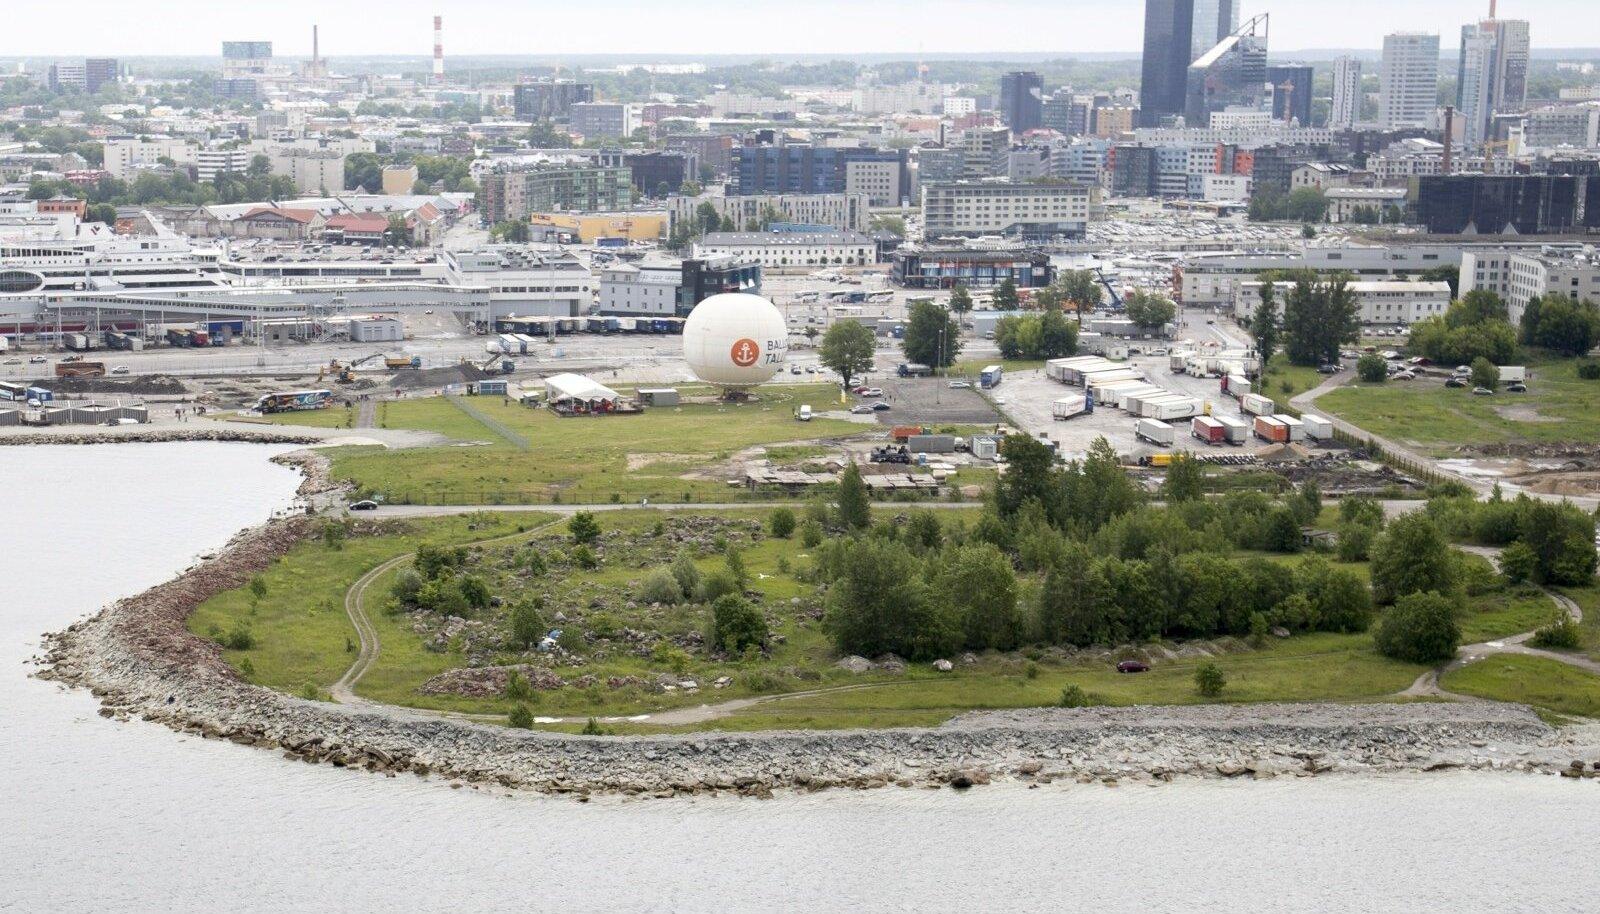 Magusal krundil Tallinna südalinnas otse mere ääres kasvab endiselt võsa ja pargivad veoautod, sest Tallinna Sadama nõukogu tõmbas Sheratoni hotelliprojektile pidurit.